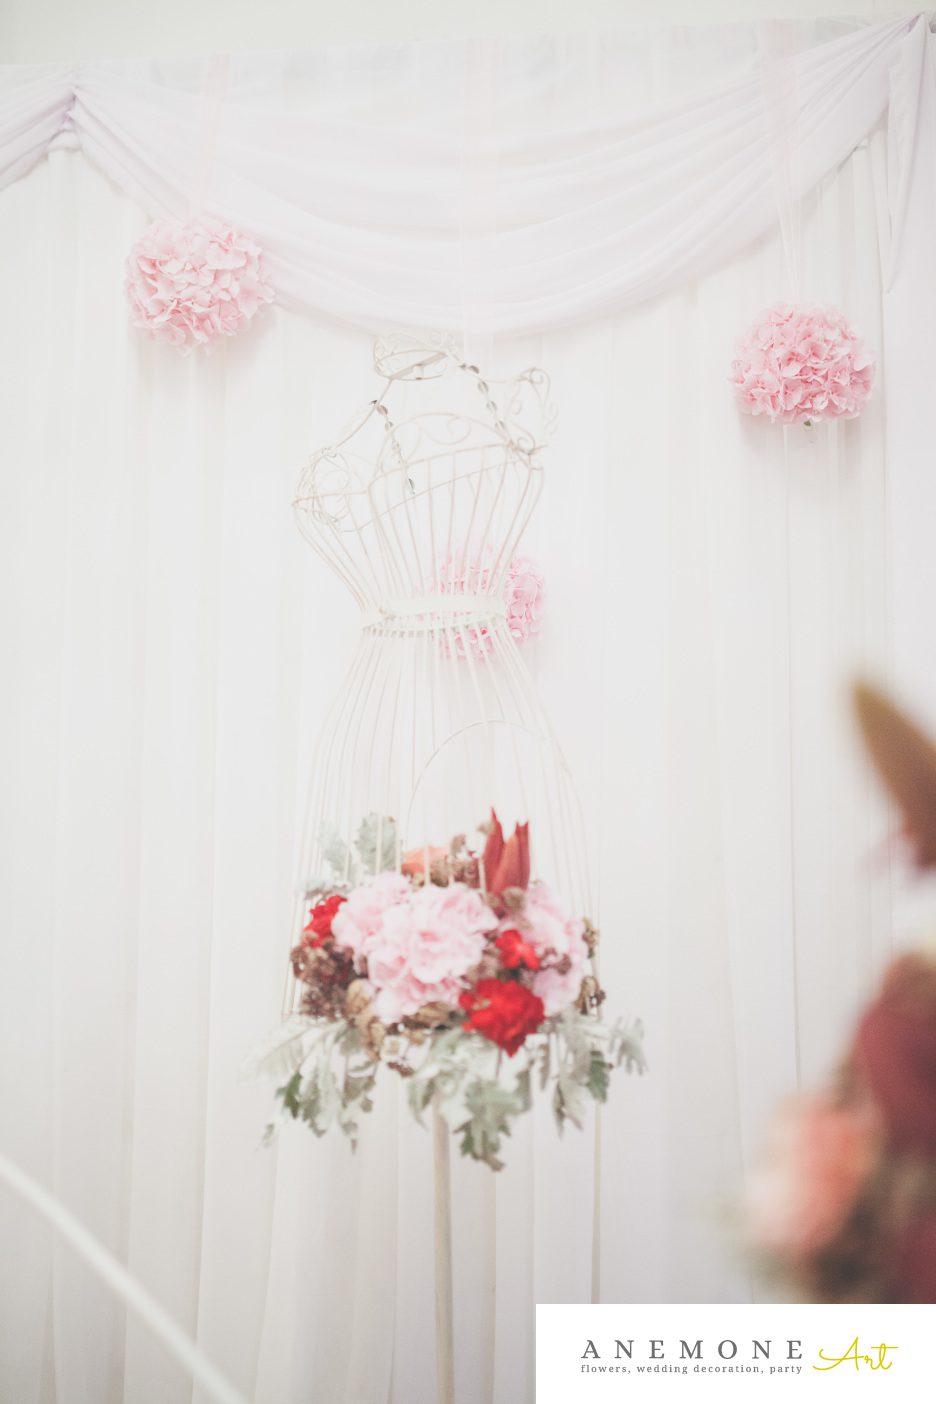 Poza, foto cu Flori de nunta bust, decor colt photo, decor sala in Arad, Timisoara, Oradea (wedding flowers, bouquets) nunta Arad, Timisoara, Oradea